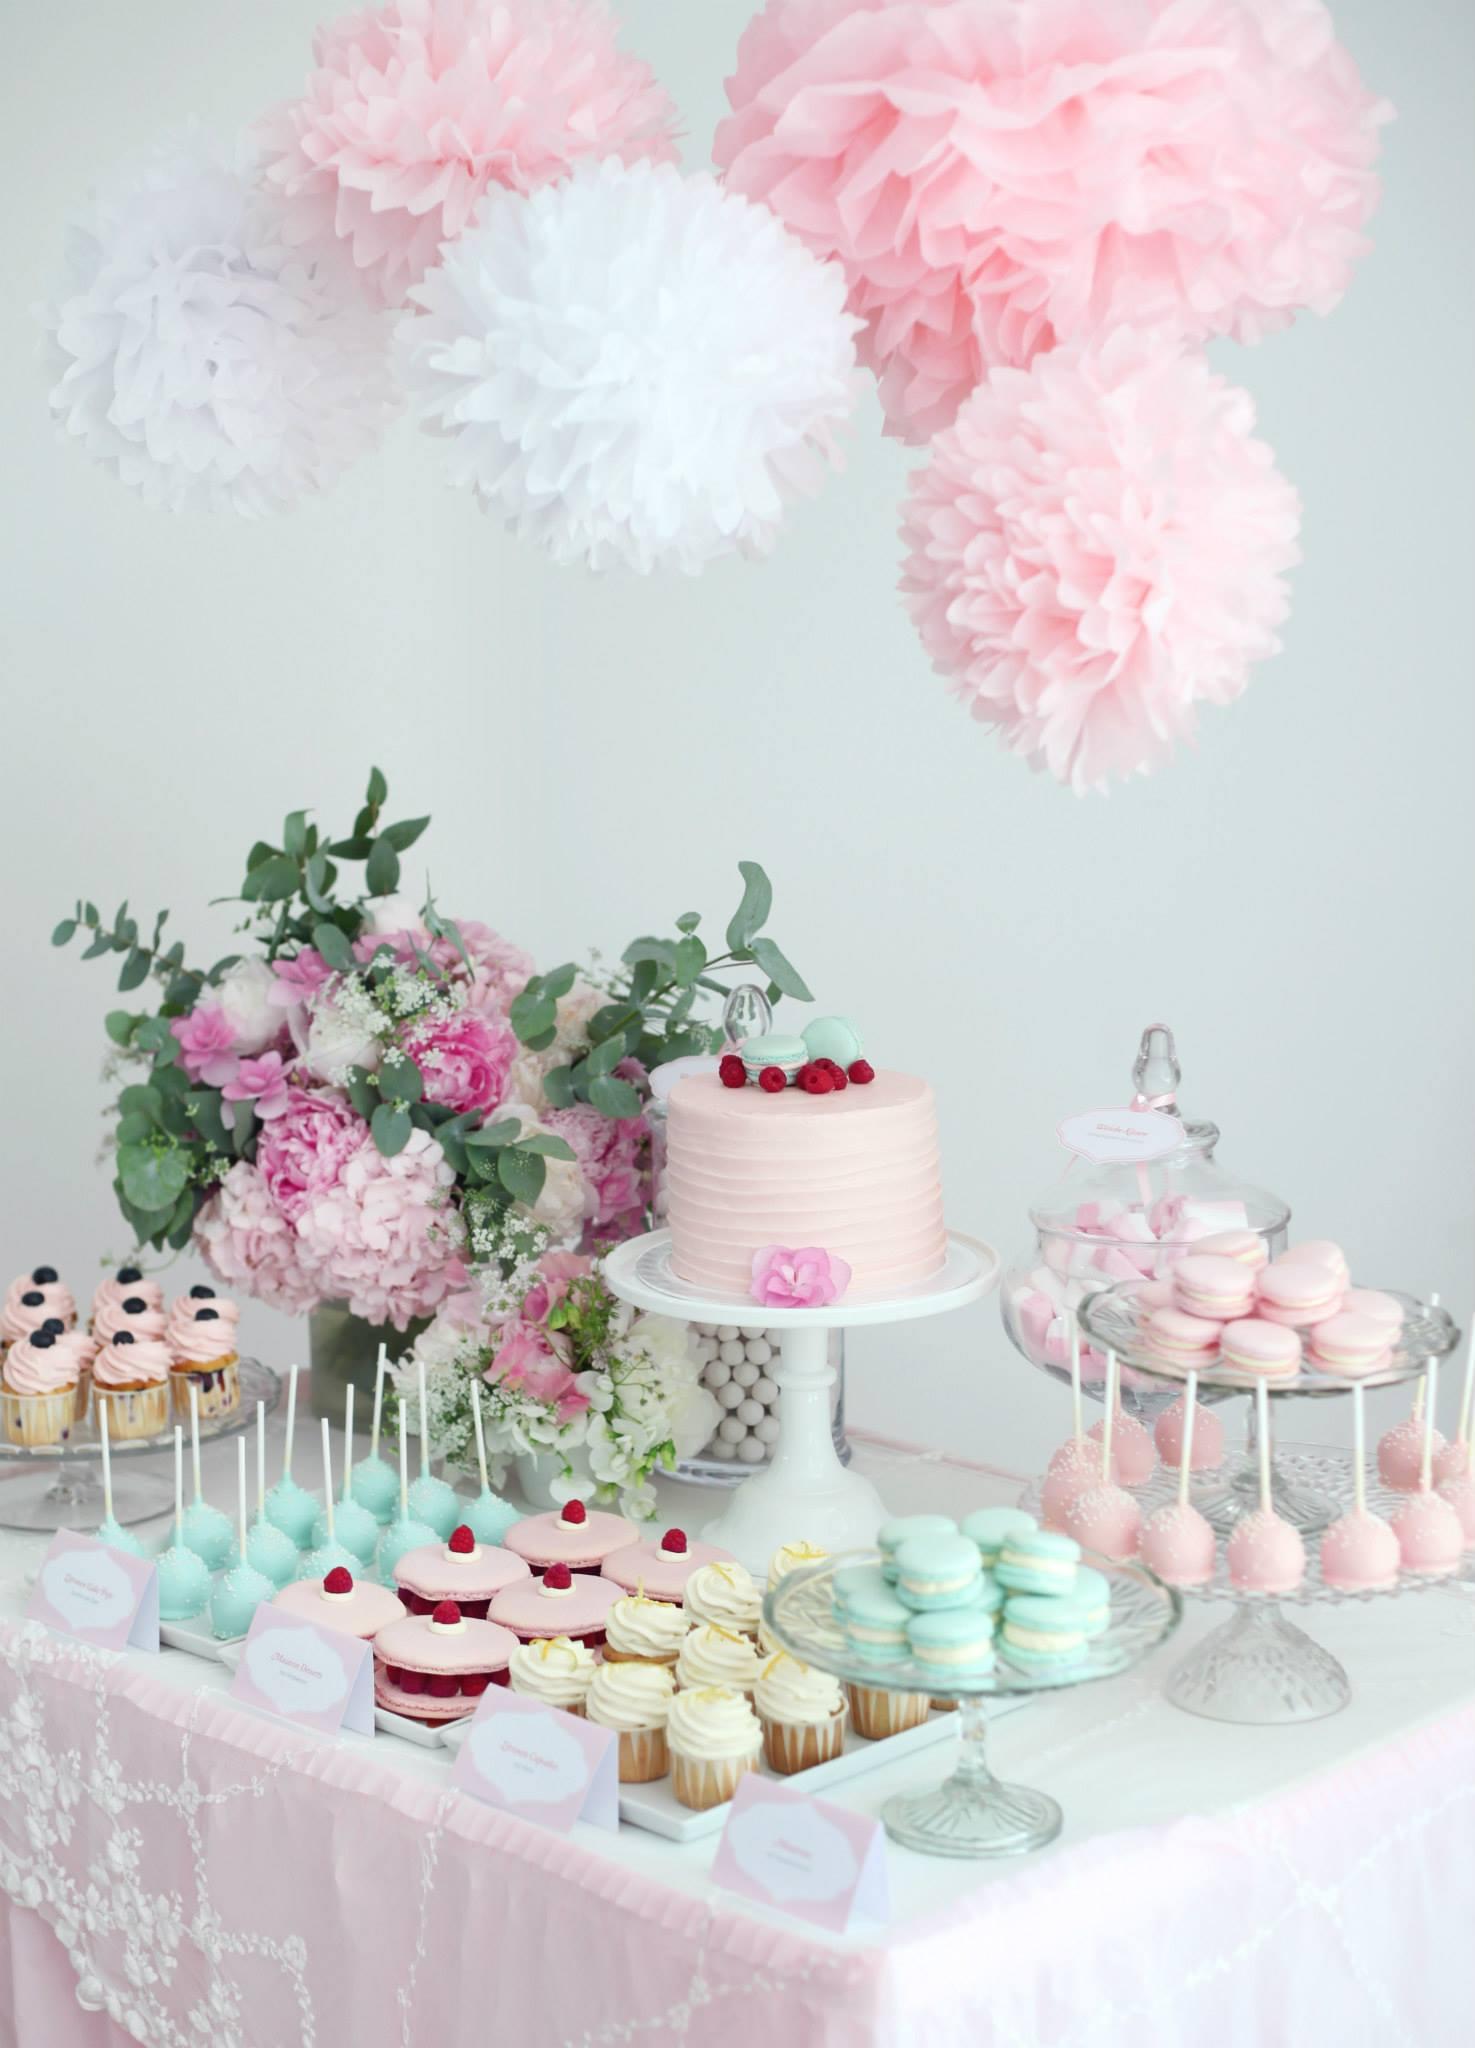 Favoloso Buffet dei dolci per cerimonie : Blogmamma.it LV75